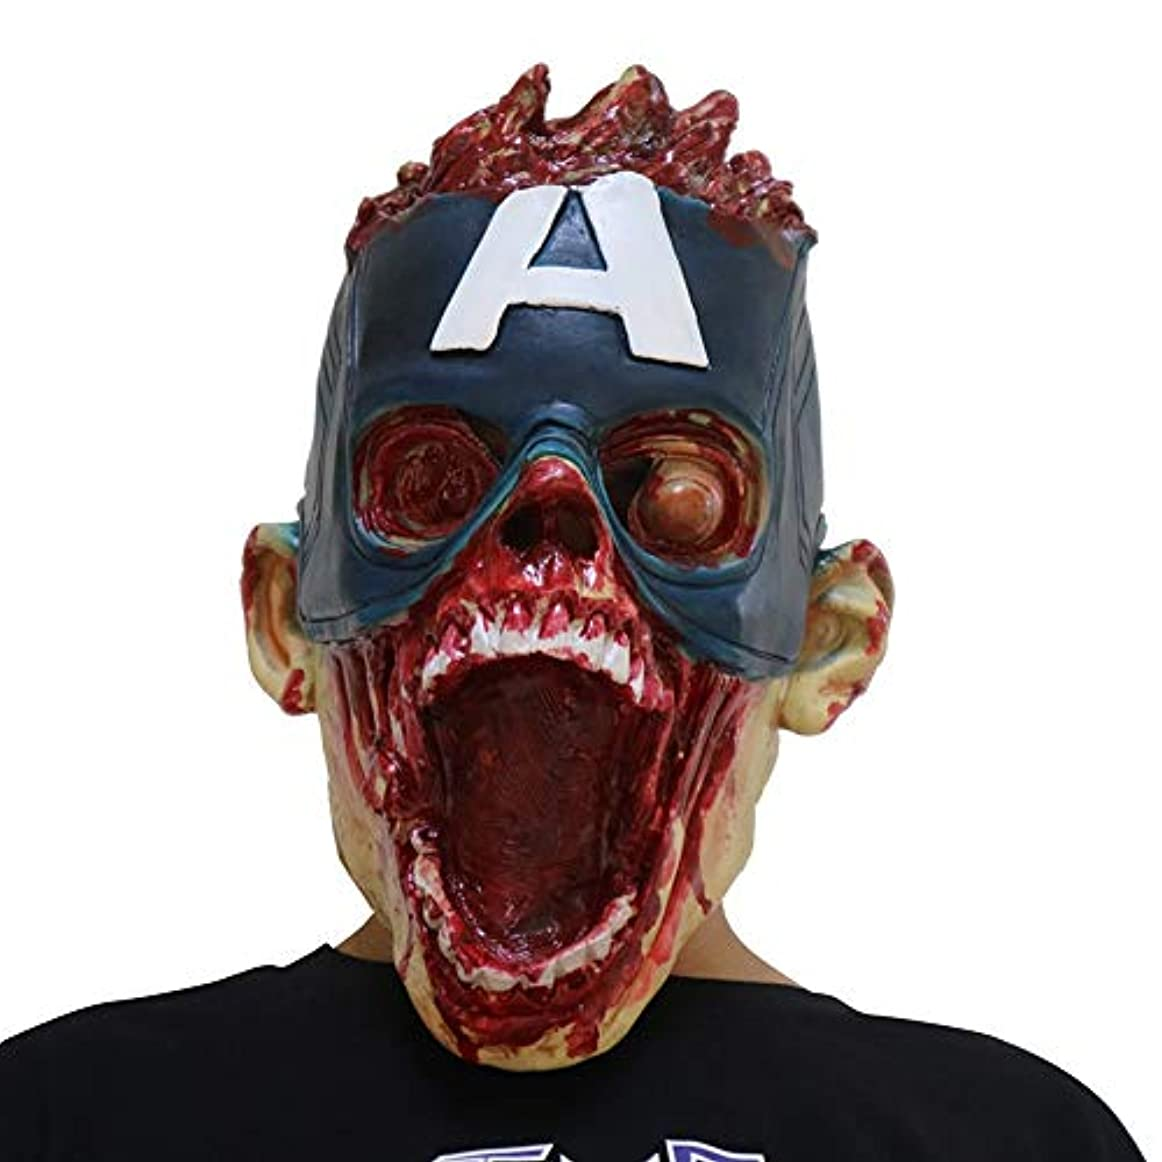 爆発する海峡ひも転用ハロウィーンホラーマスク、キャプテンアメリカヘッドマスク、クリエイティブデビルマスク、ラテックスVizardマスク、コスチュームプロップトカゲマスク